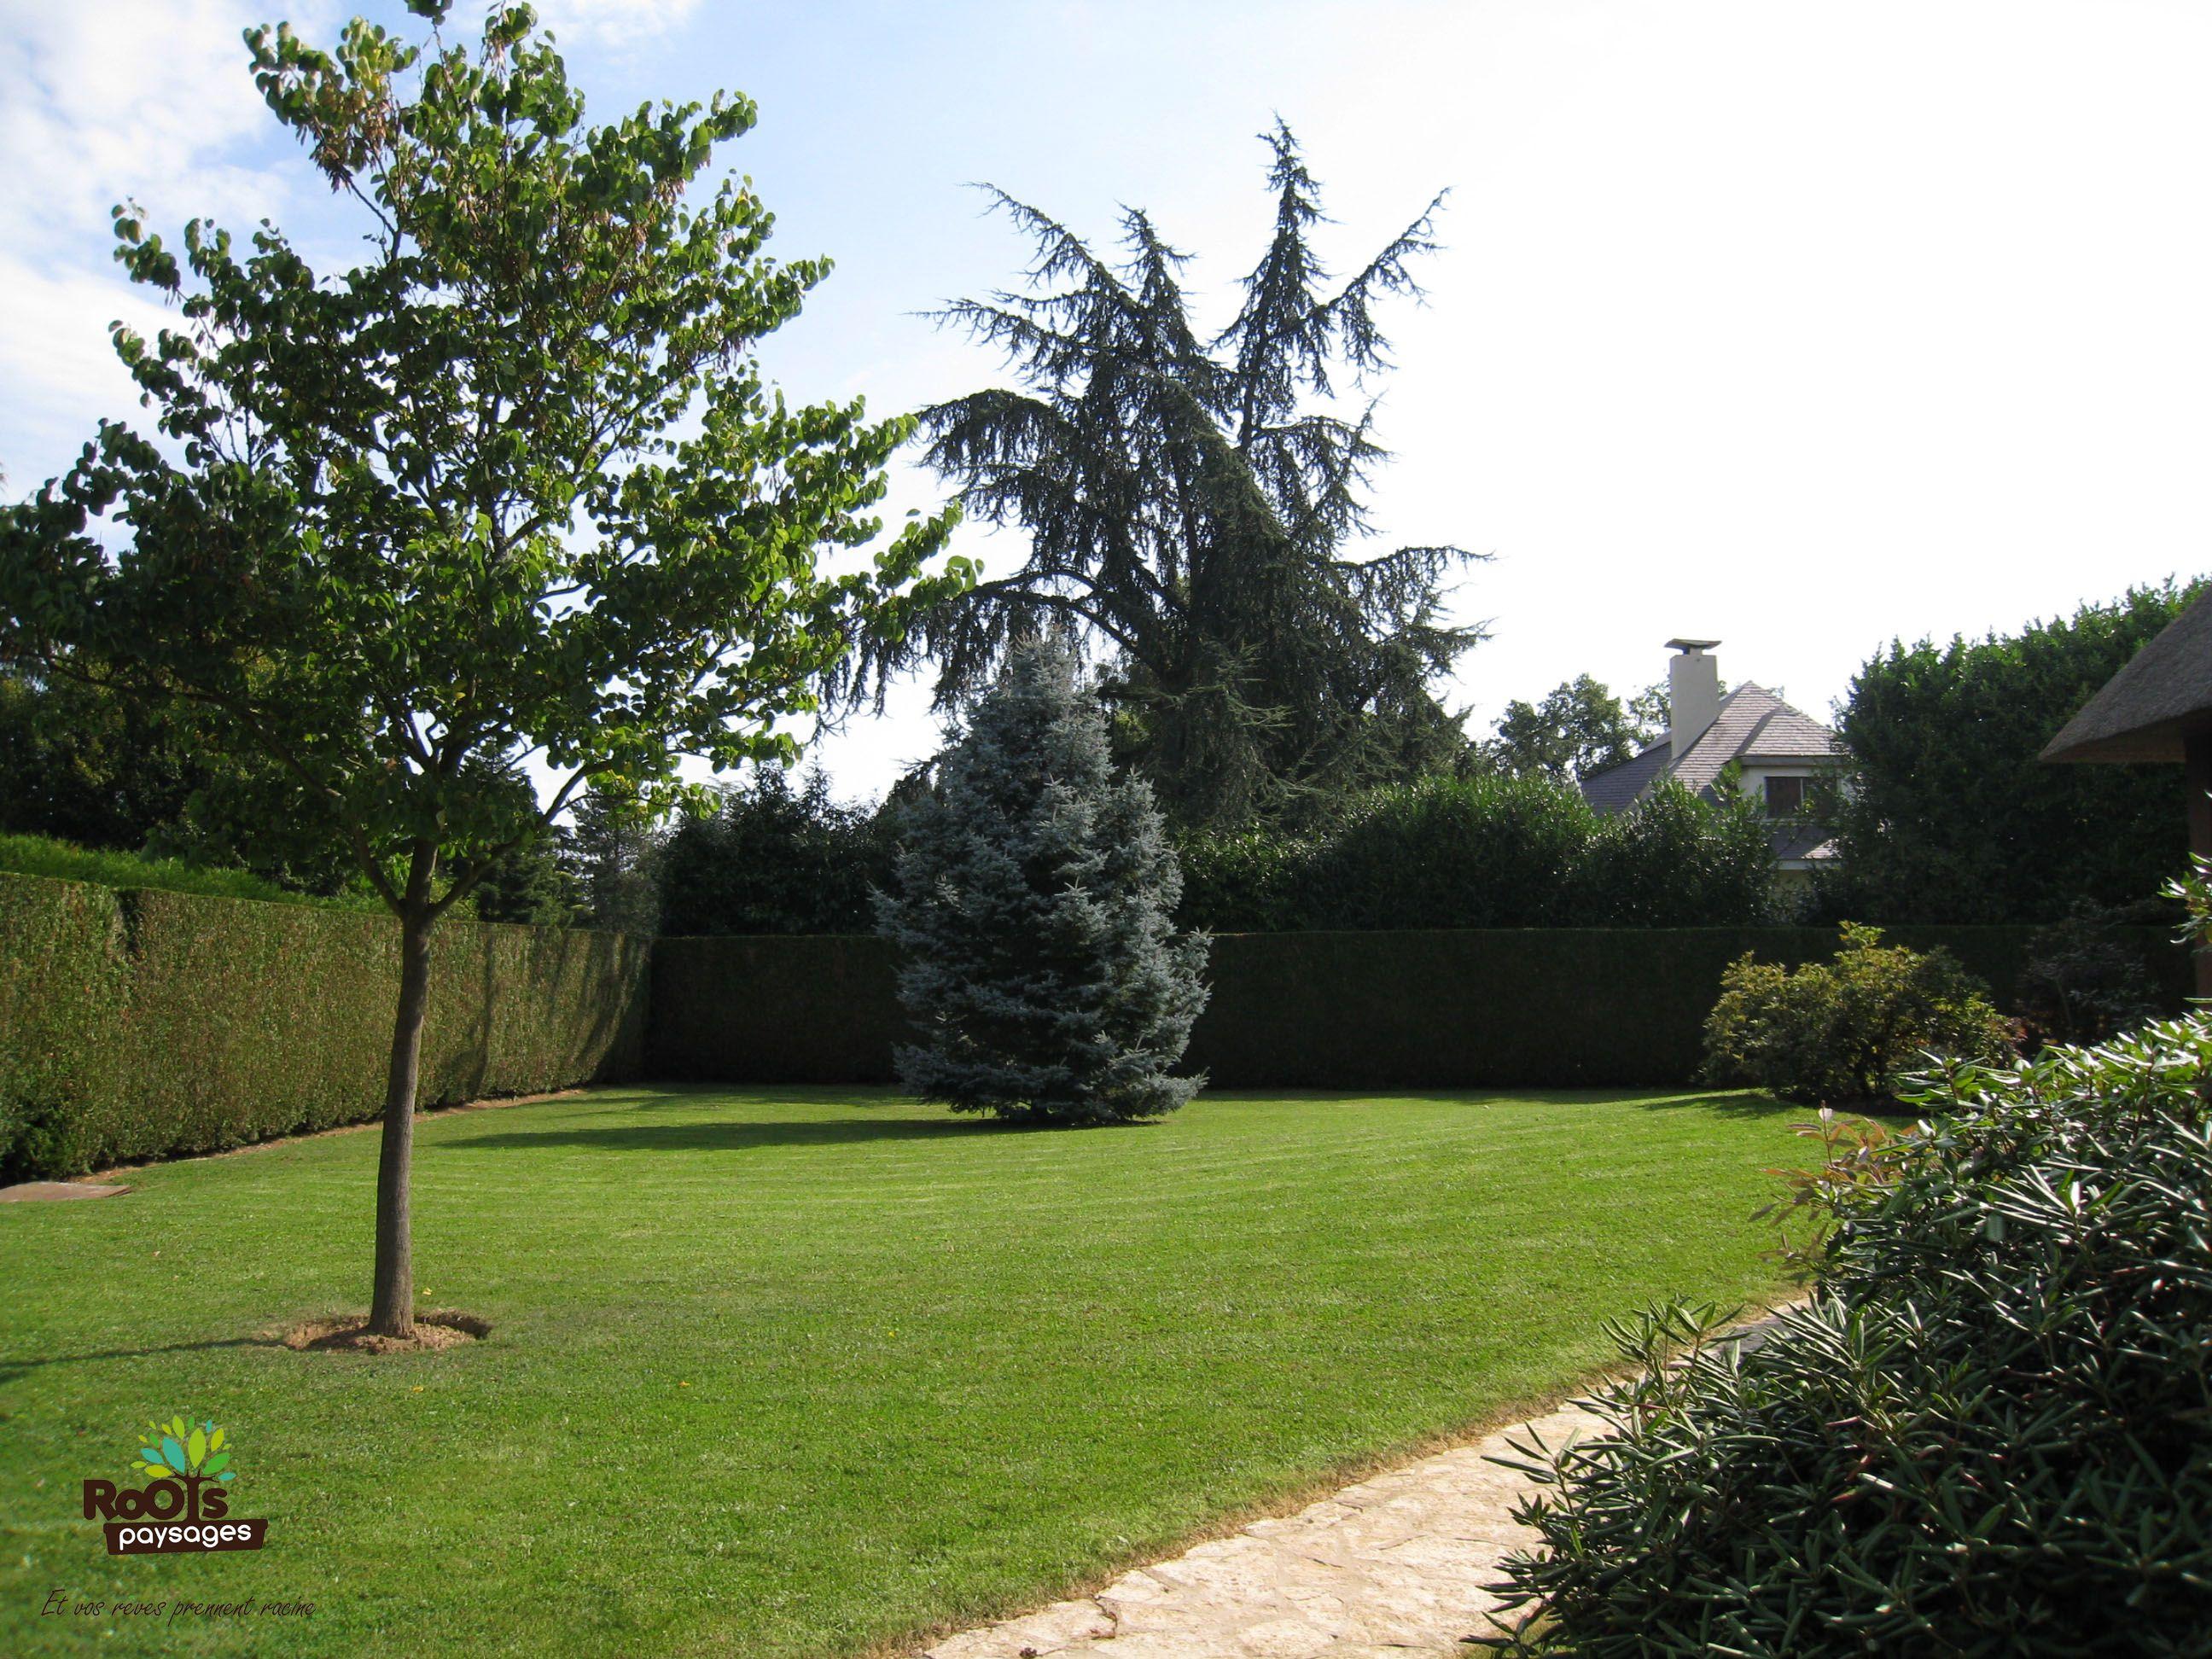 742379e088afdc8ed0a84f9d8467ae54 Unique De Amenagement Jardin Paysager Des Idées